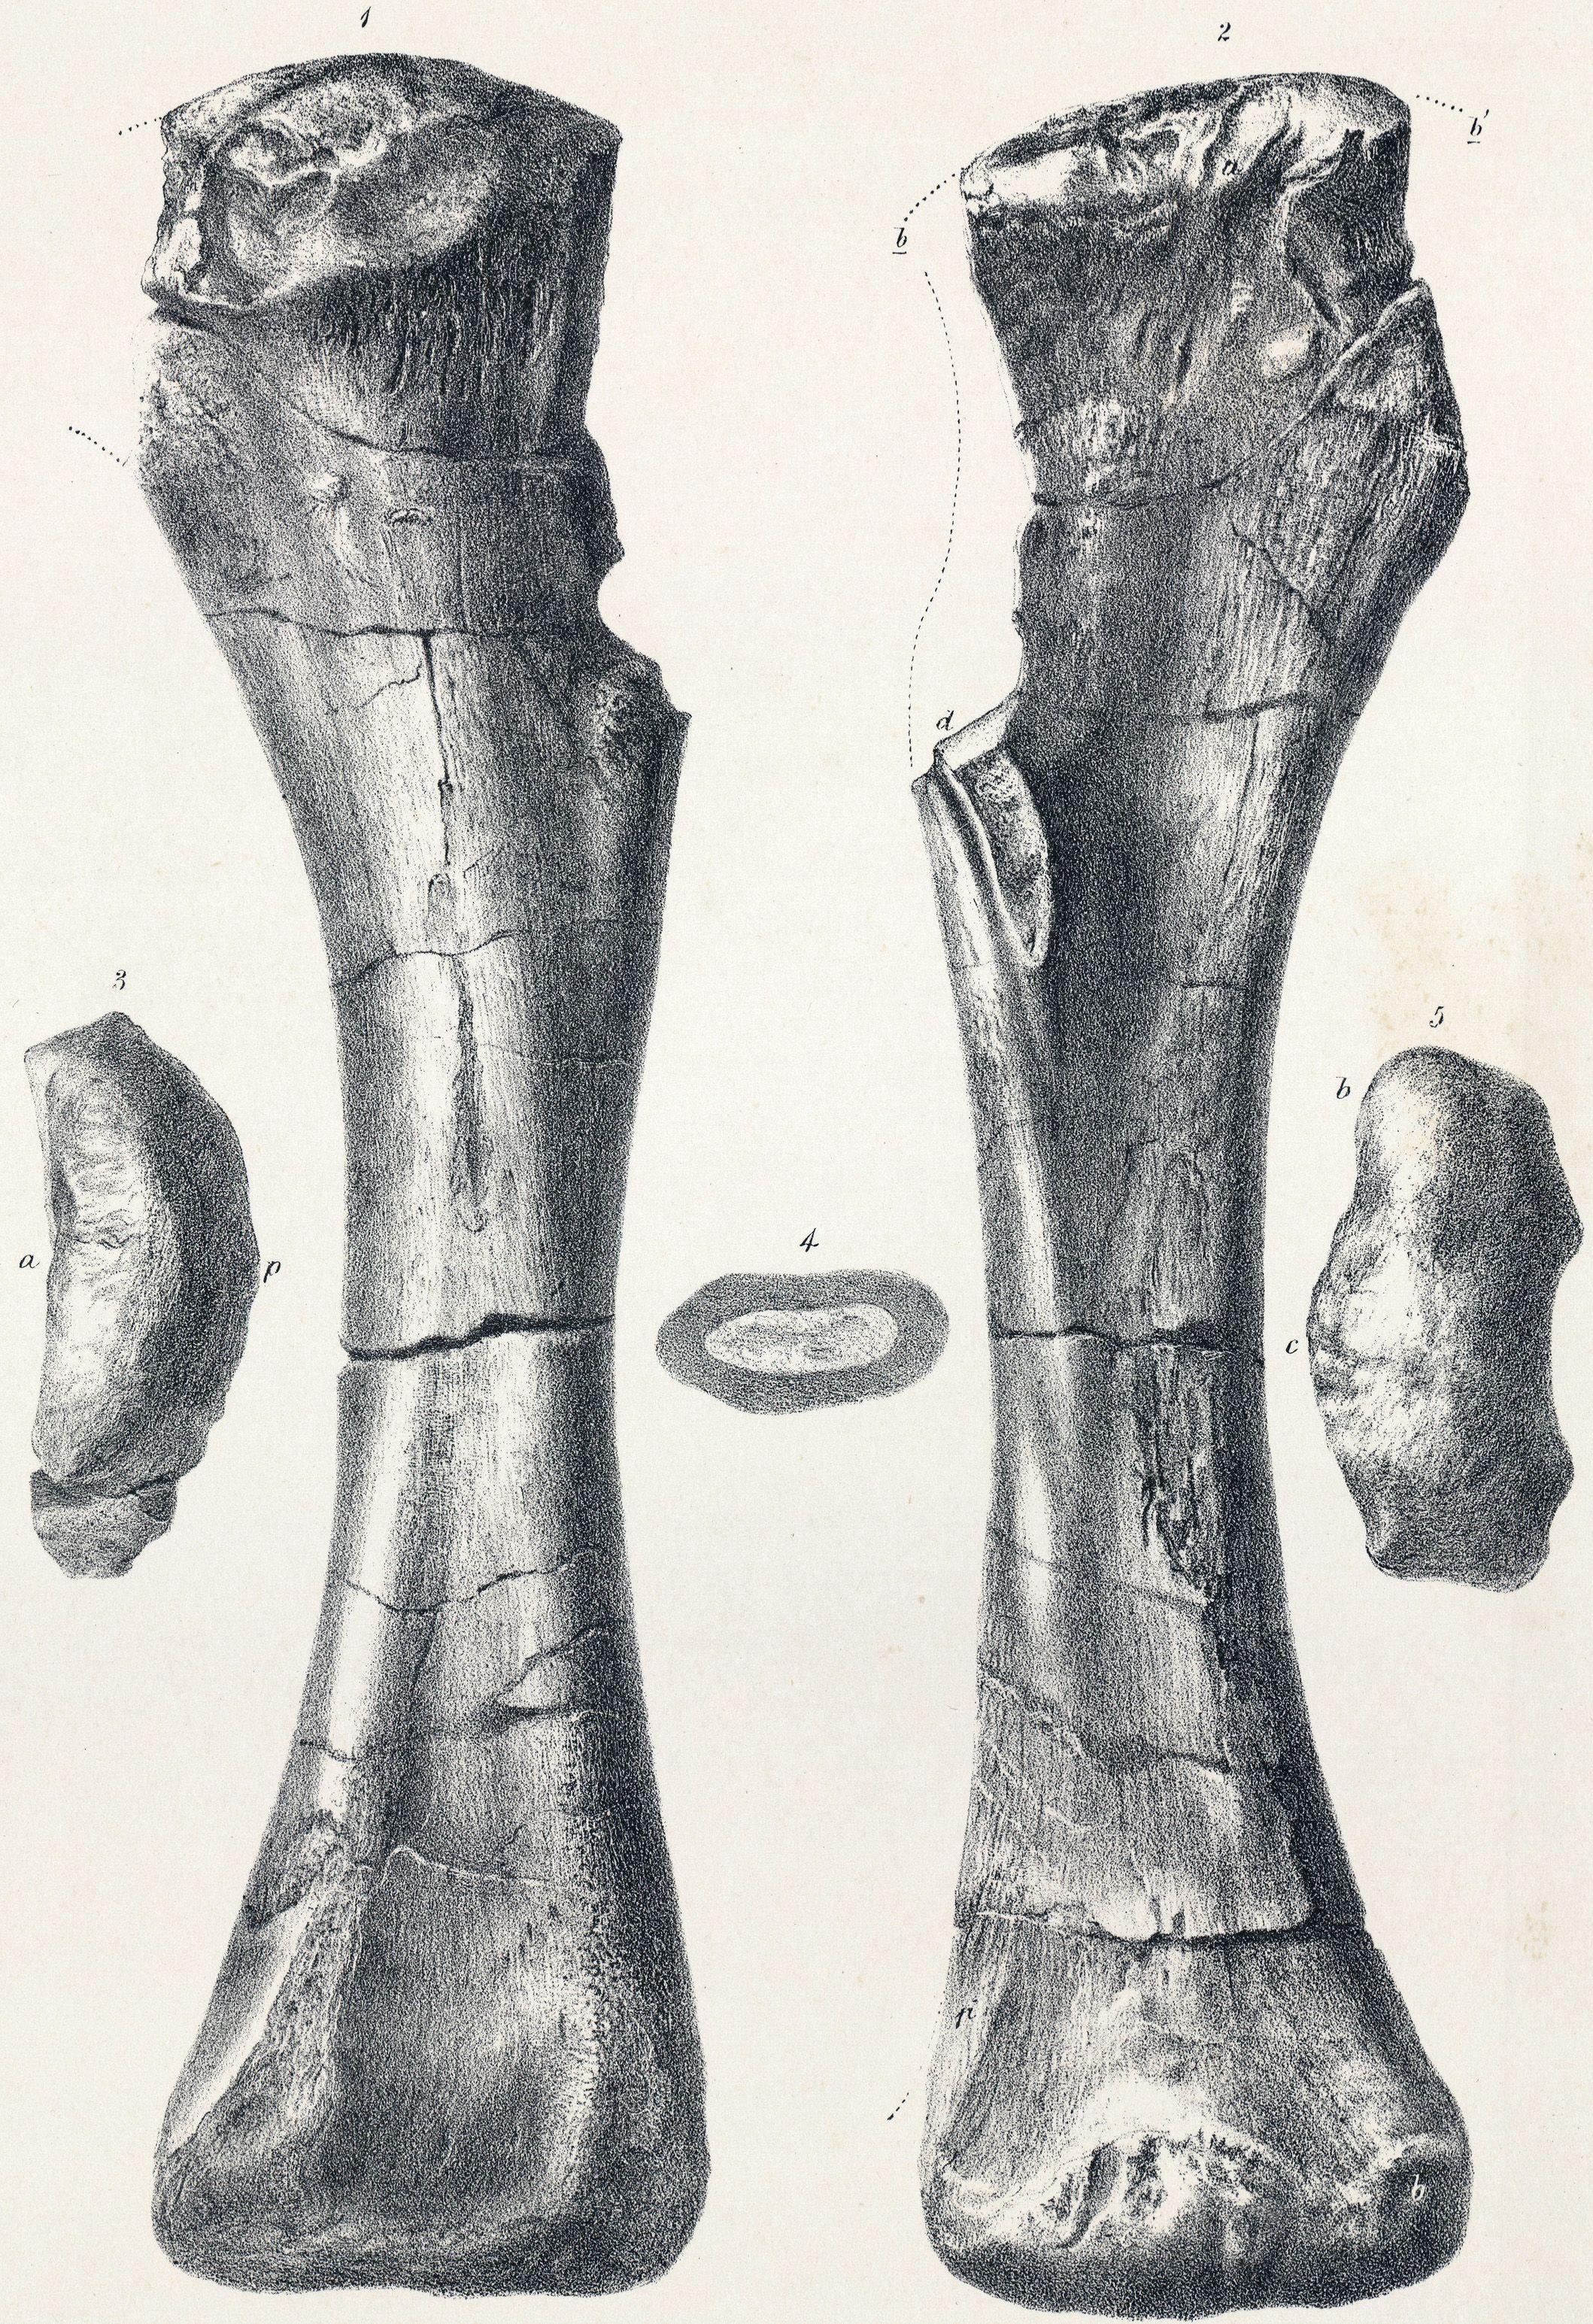 Holotype de l'humérus du dinosaure Sauropodomorpha Titanosauriformes Brachiosauridae Pelorosaurus conybearii. Auteur : Jos Dinkel. 1800